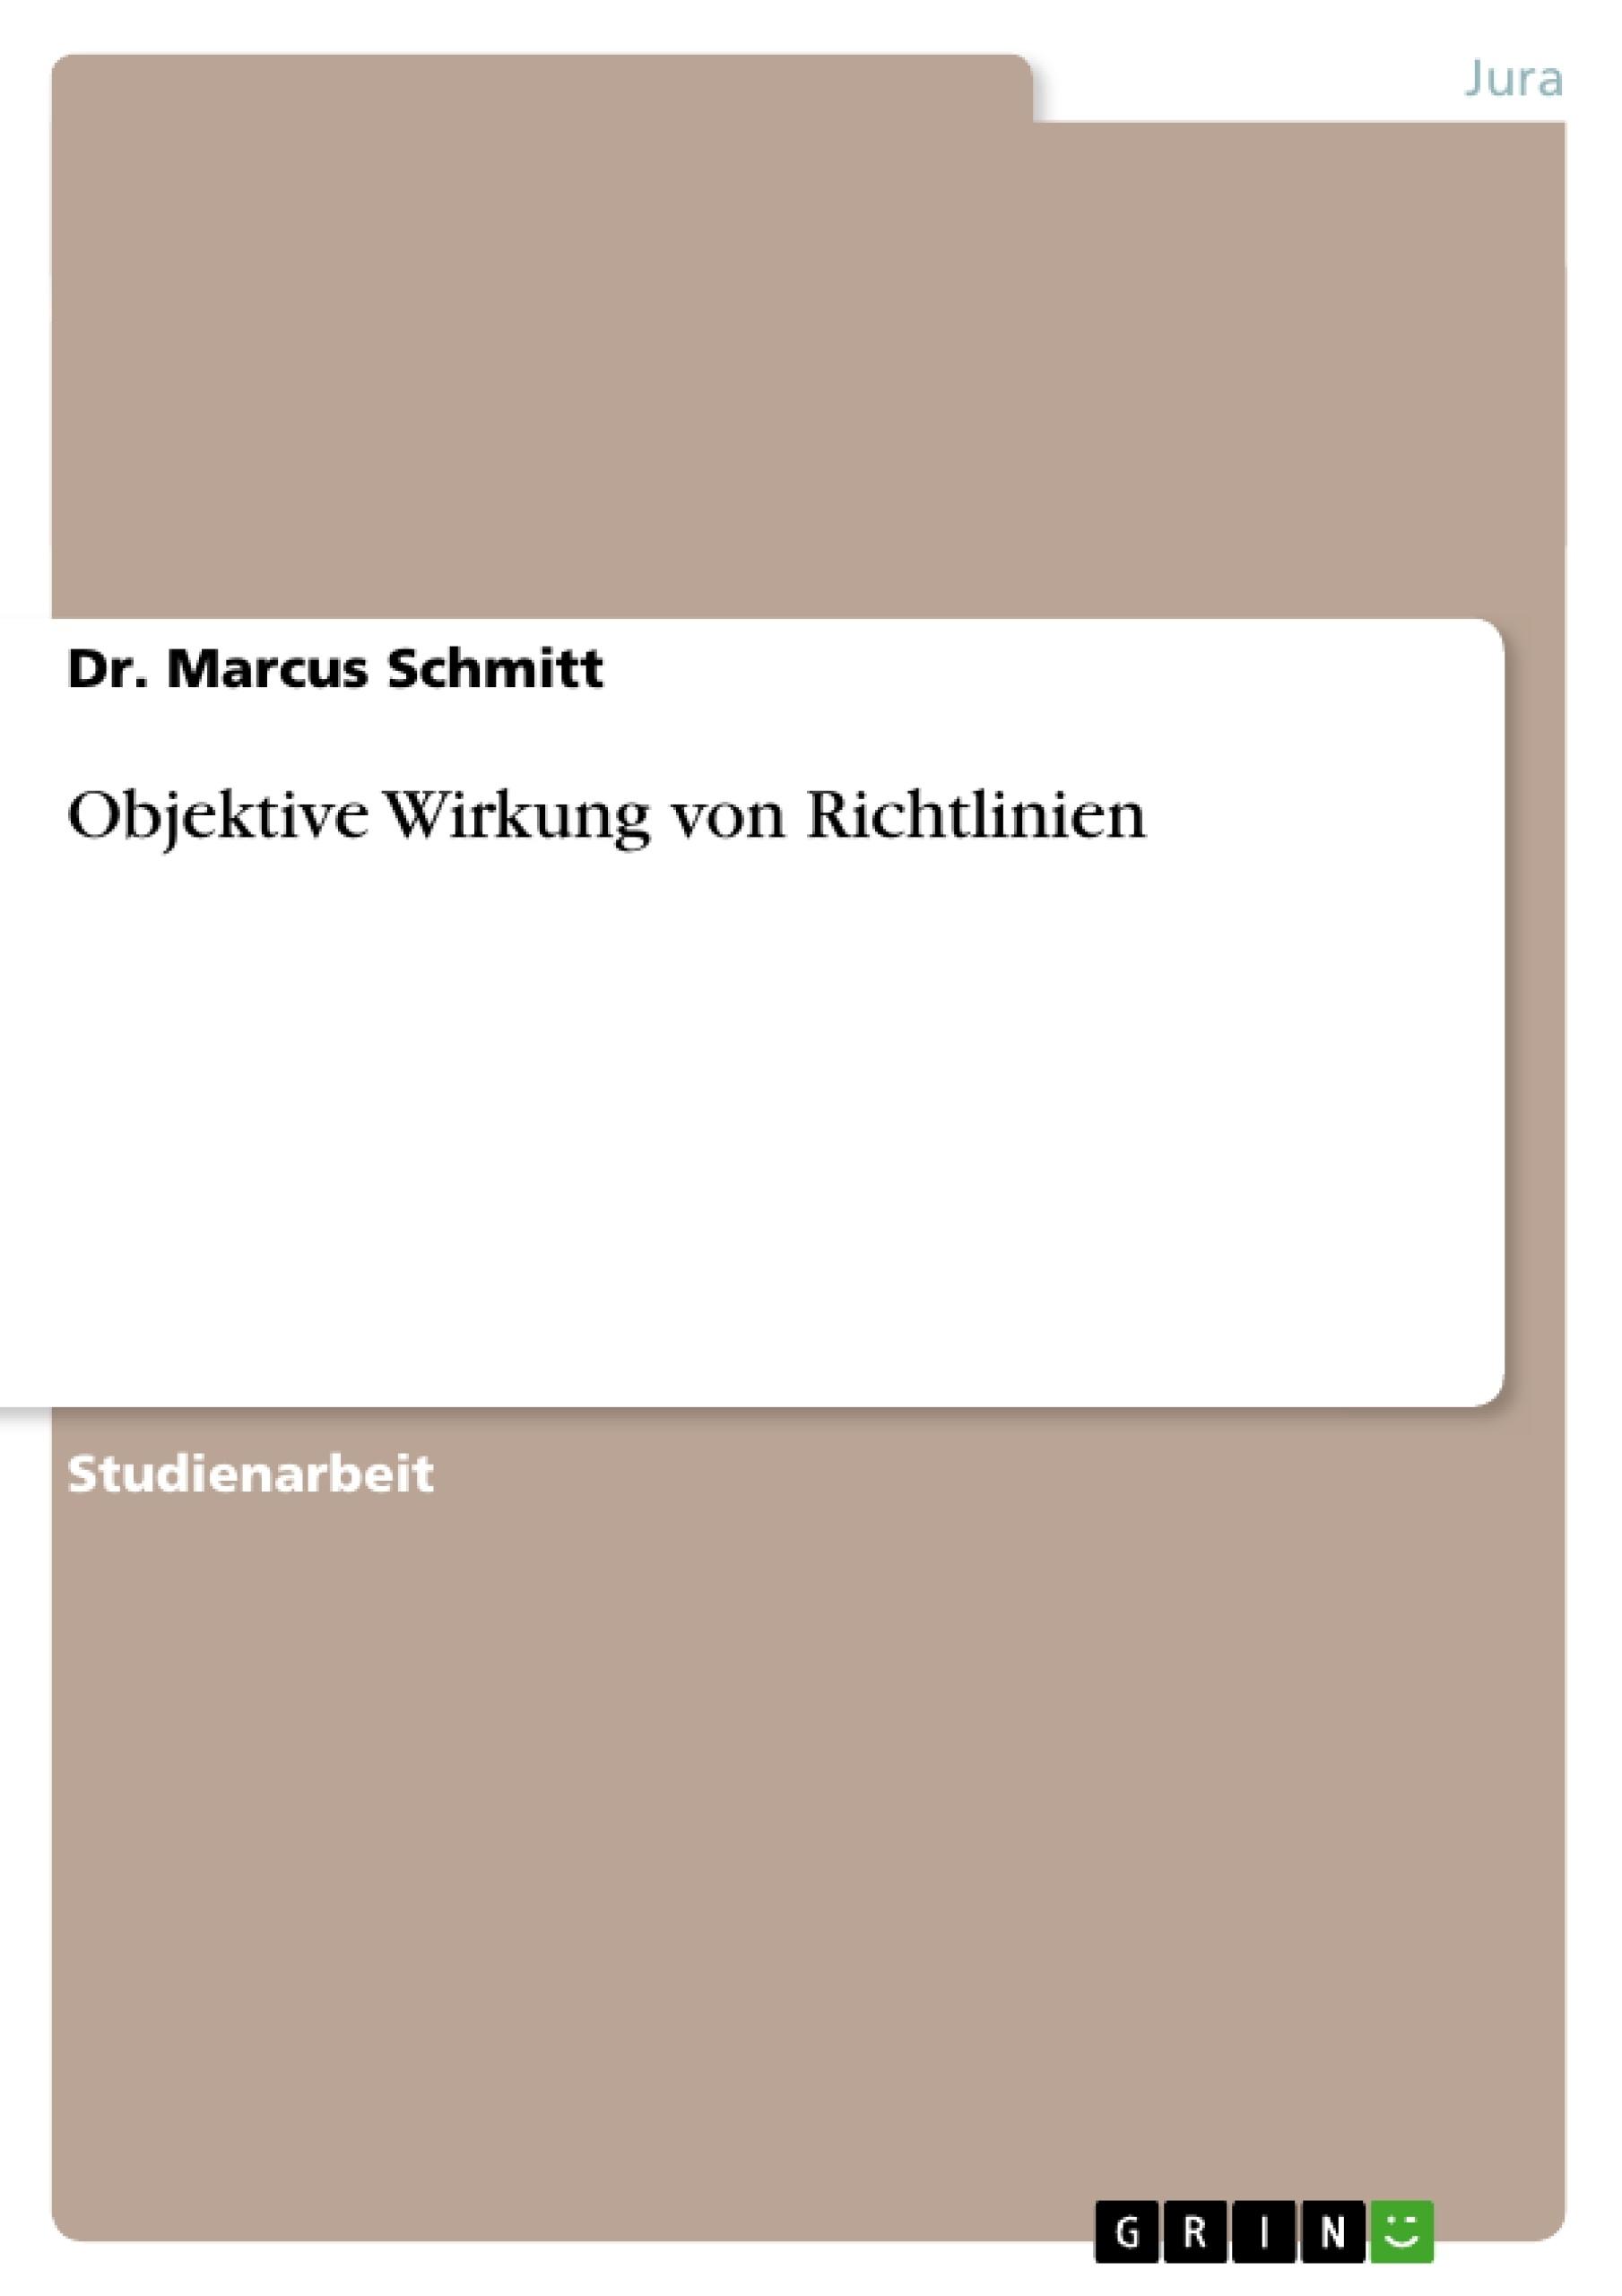 Titel: Objektive Wirkung von Richtlinien